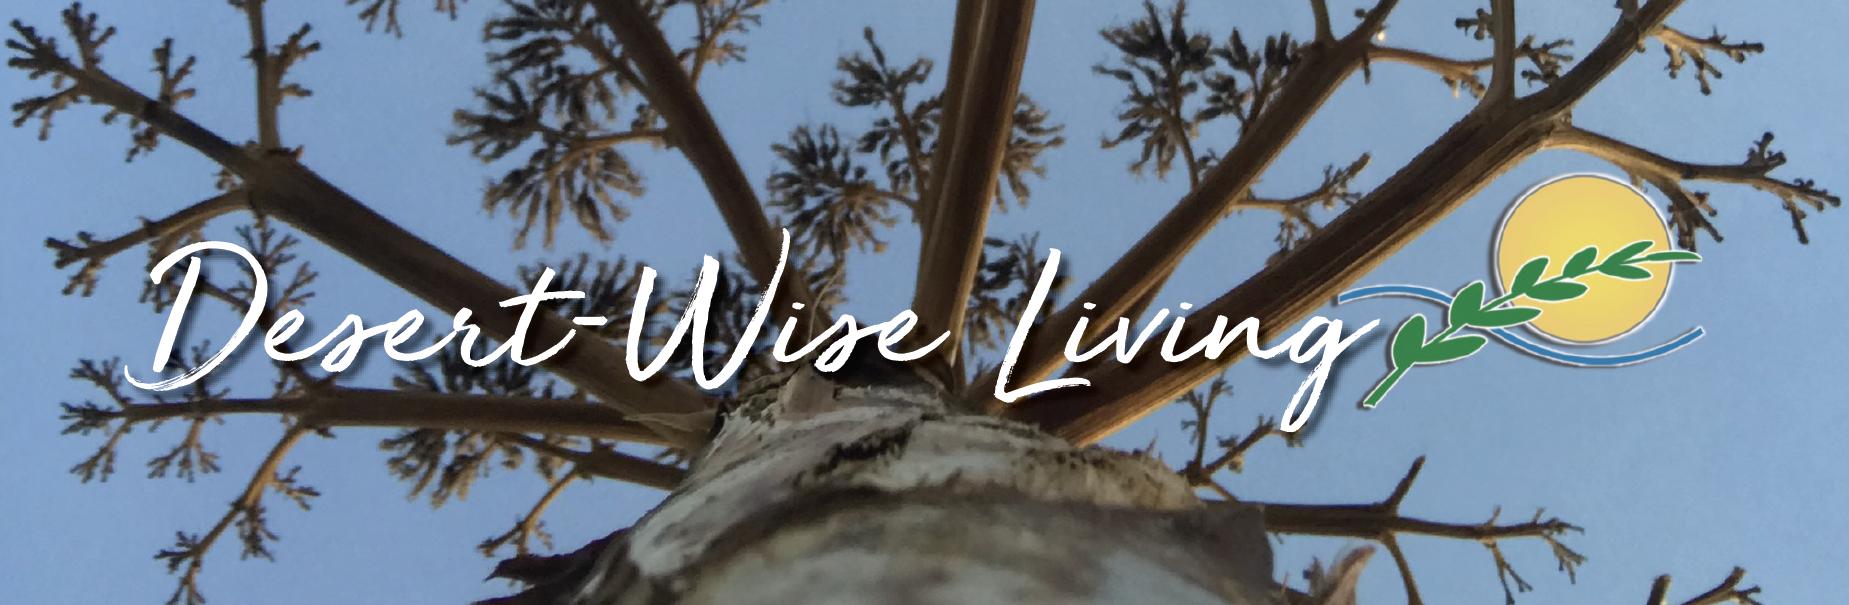 desert wise living banner